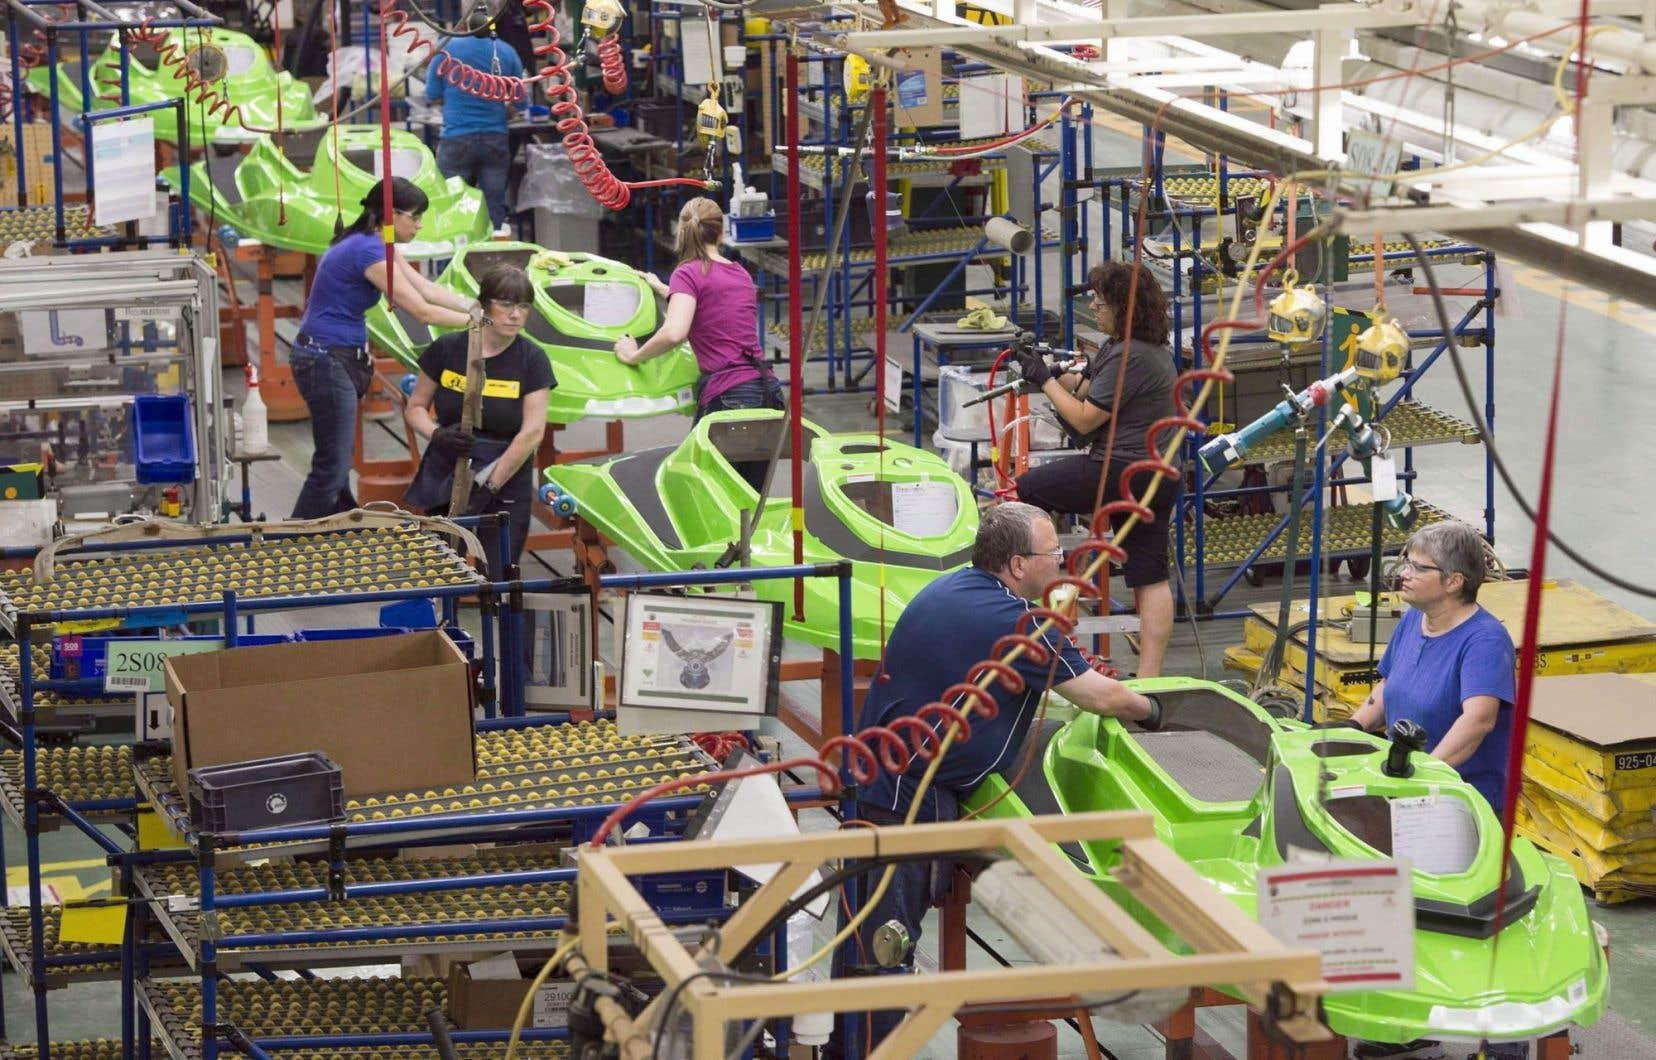 L'usine de Valcourt compte quelque 1500 employés alors que 1500 autres se trouvent dans les bureaux du siège social.